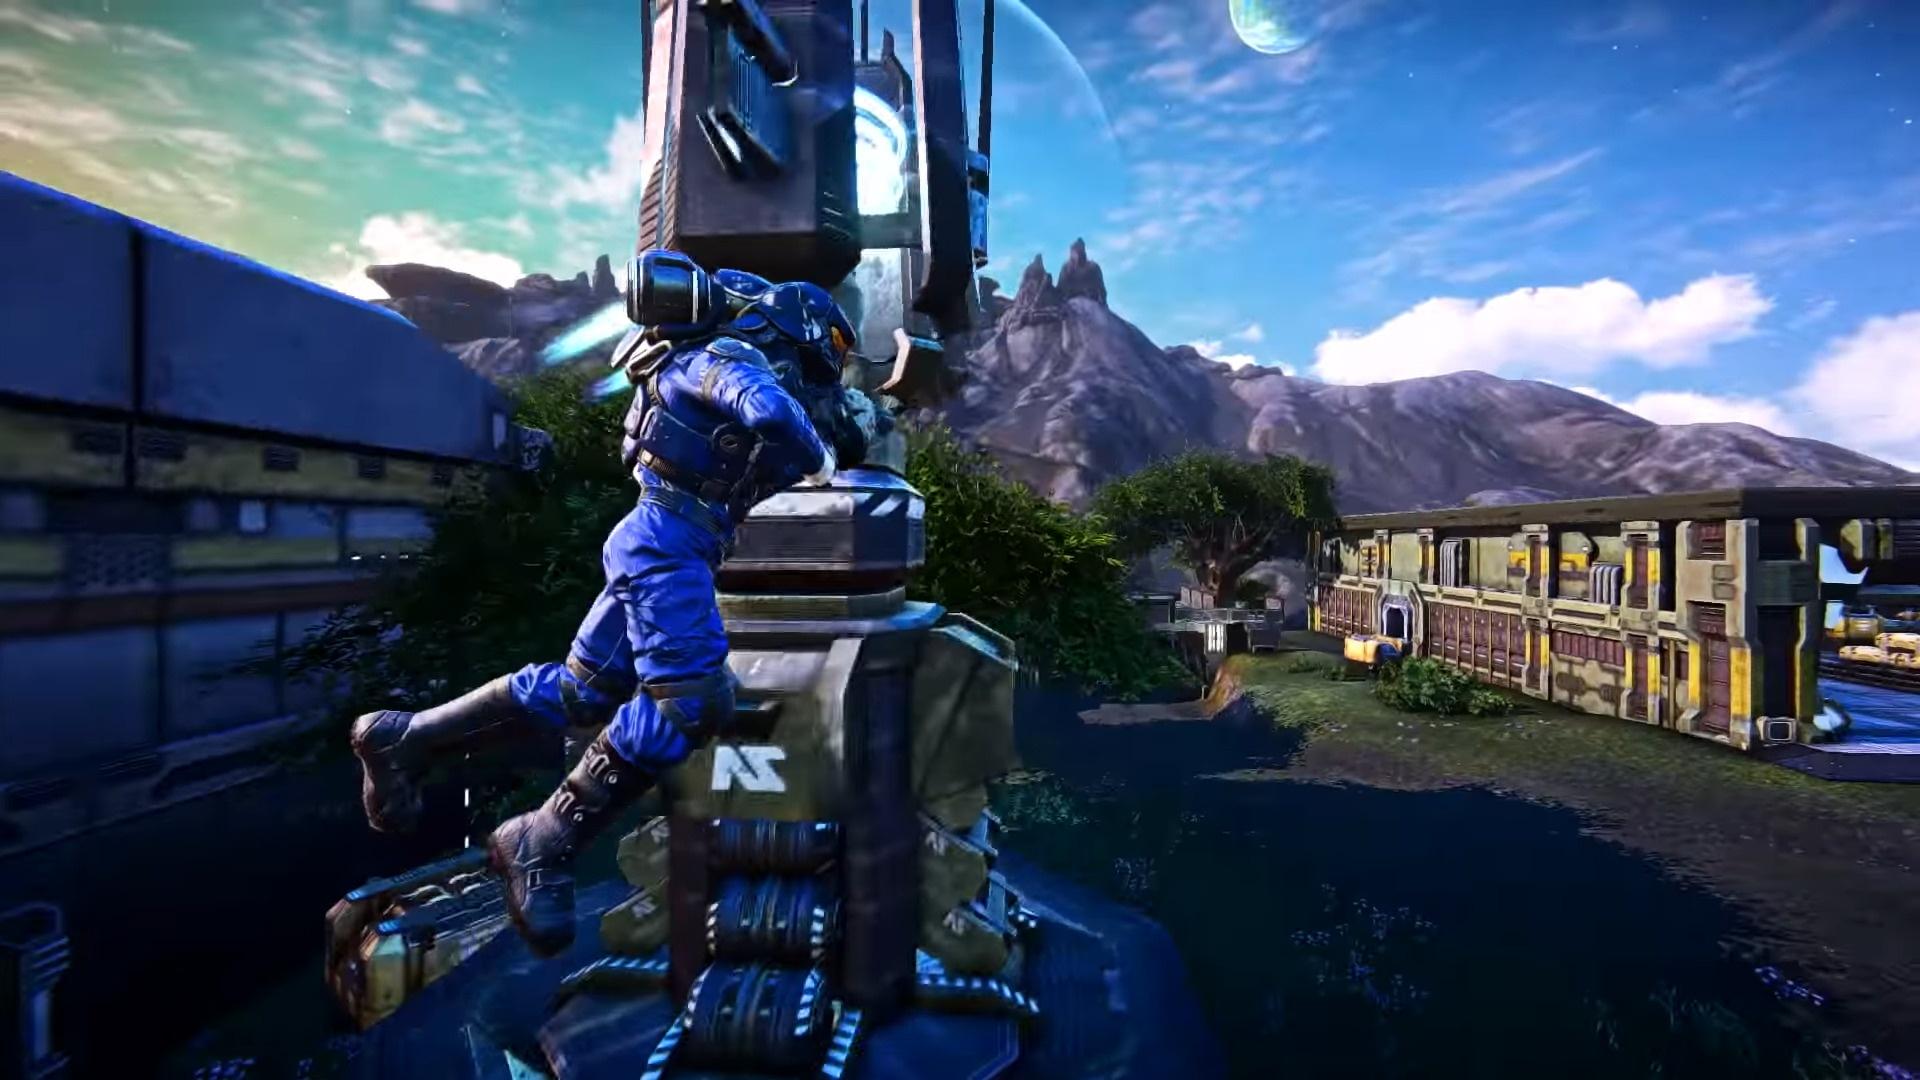 9 минут геймплея PlanetSide Arena: джетпаки, квадроциклы и танковые бои